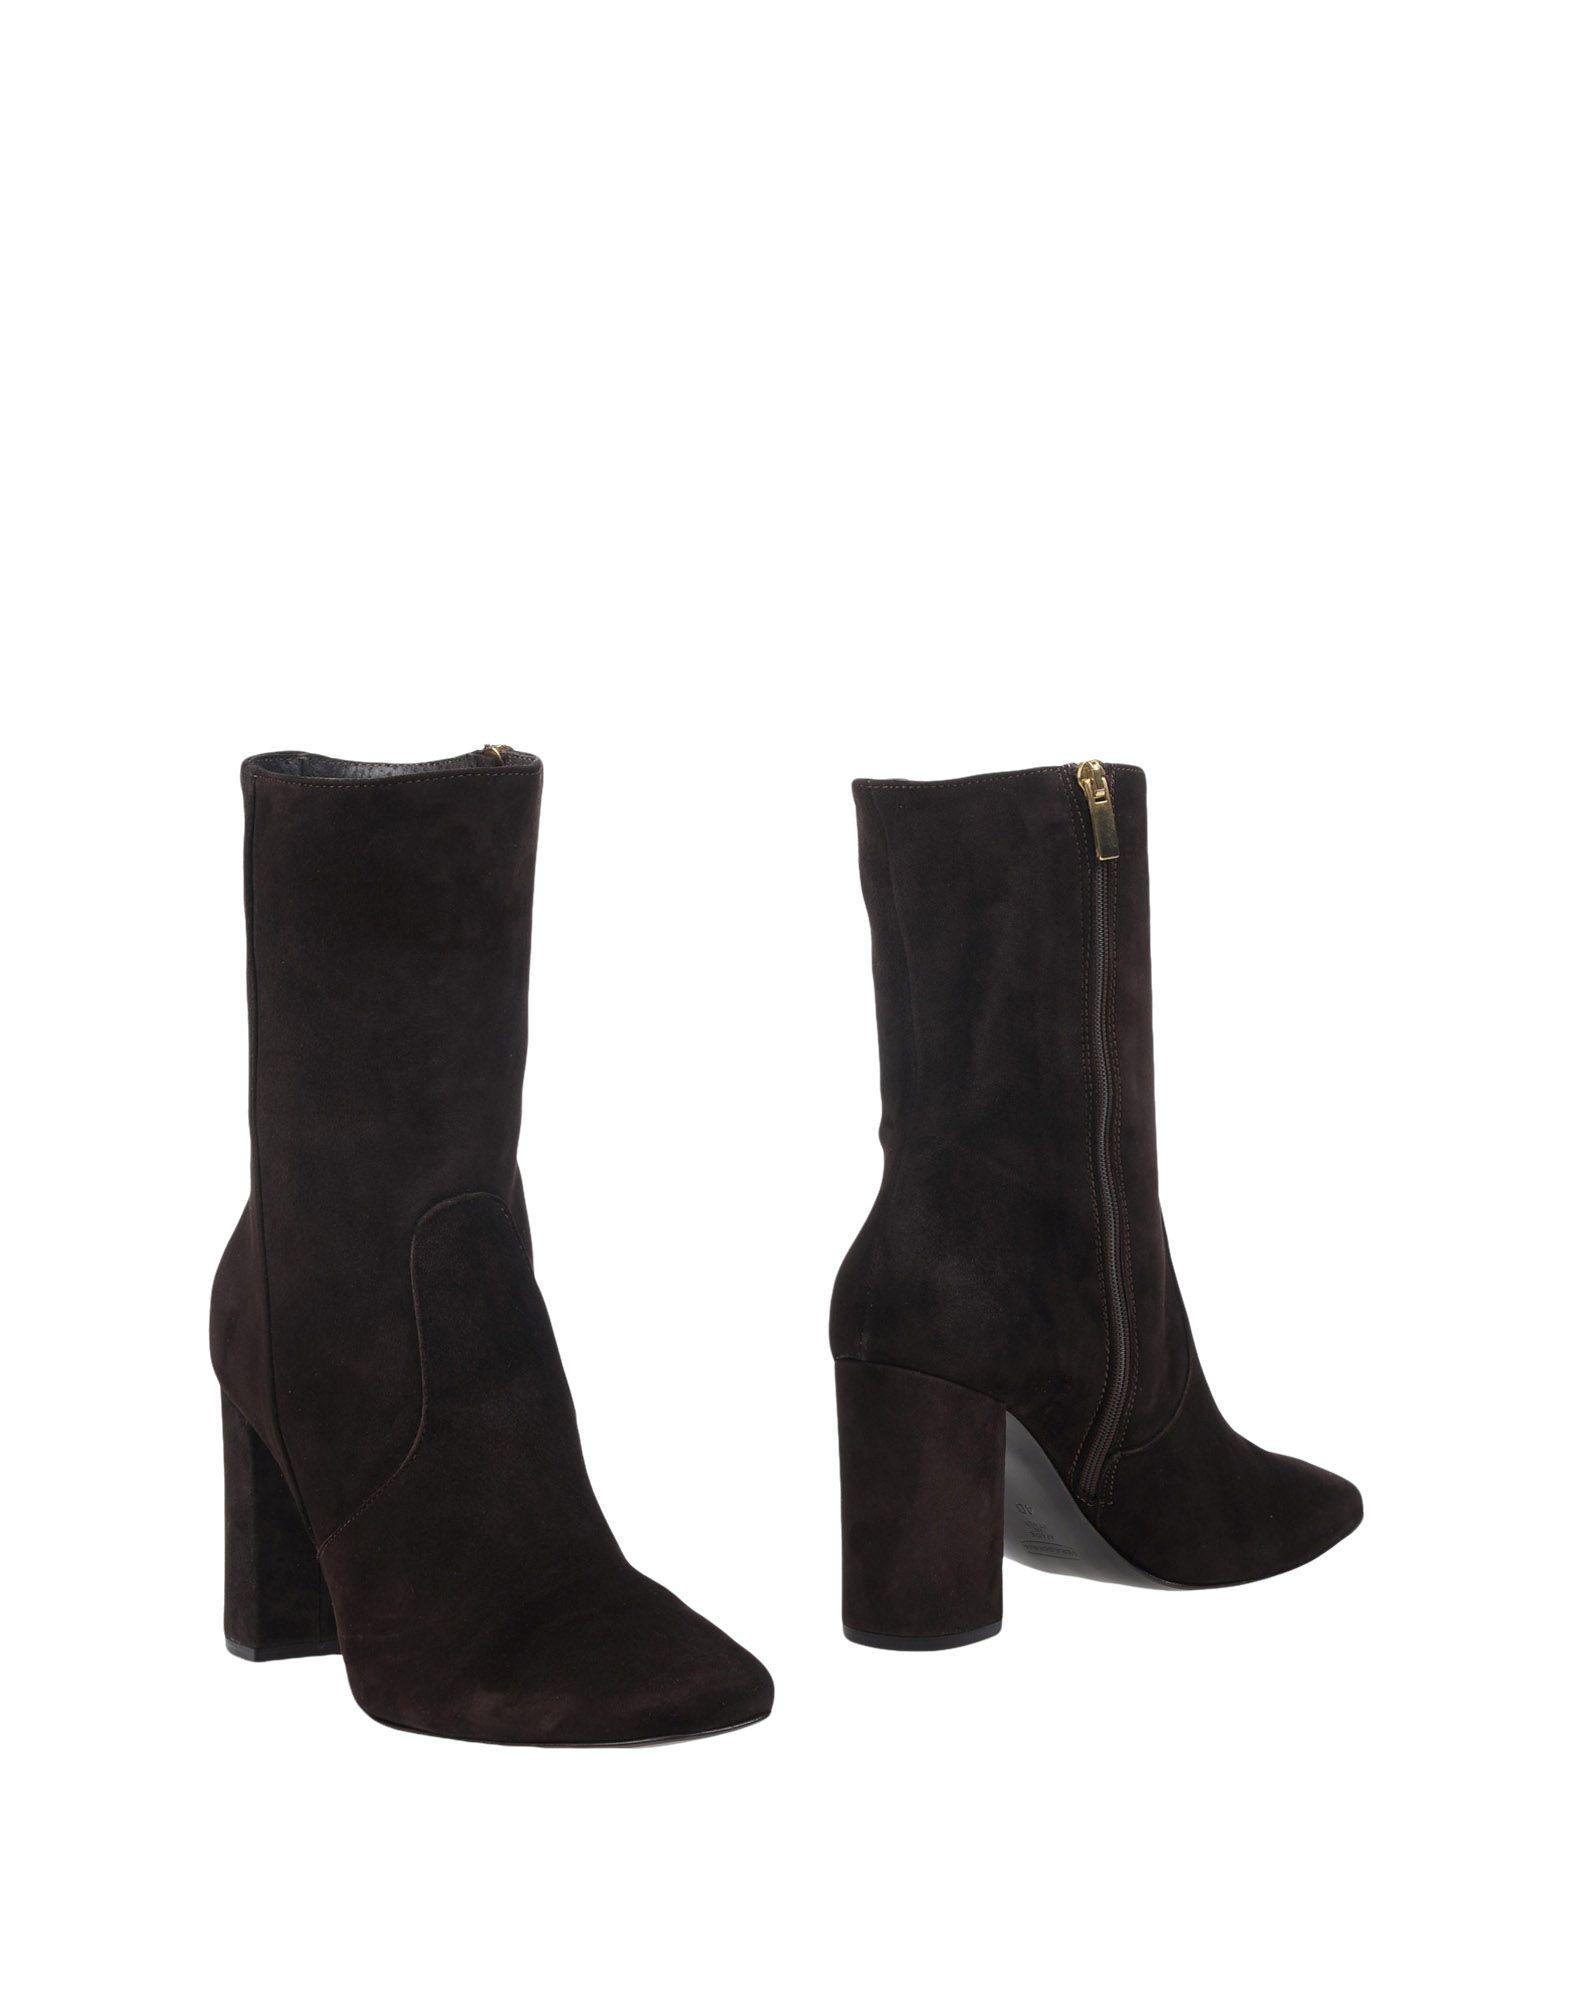 PHISIQUE DE FEMME Полусапоги и высокие ботинки цены онлайн